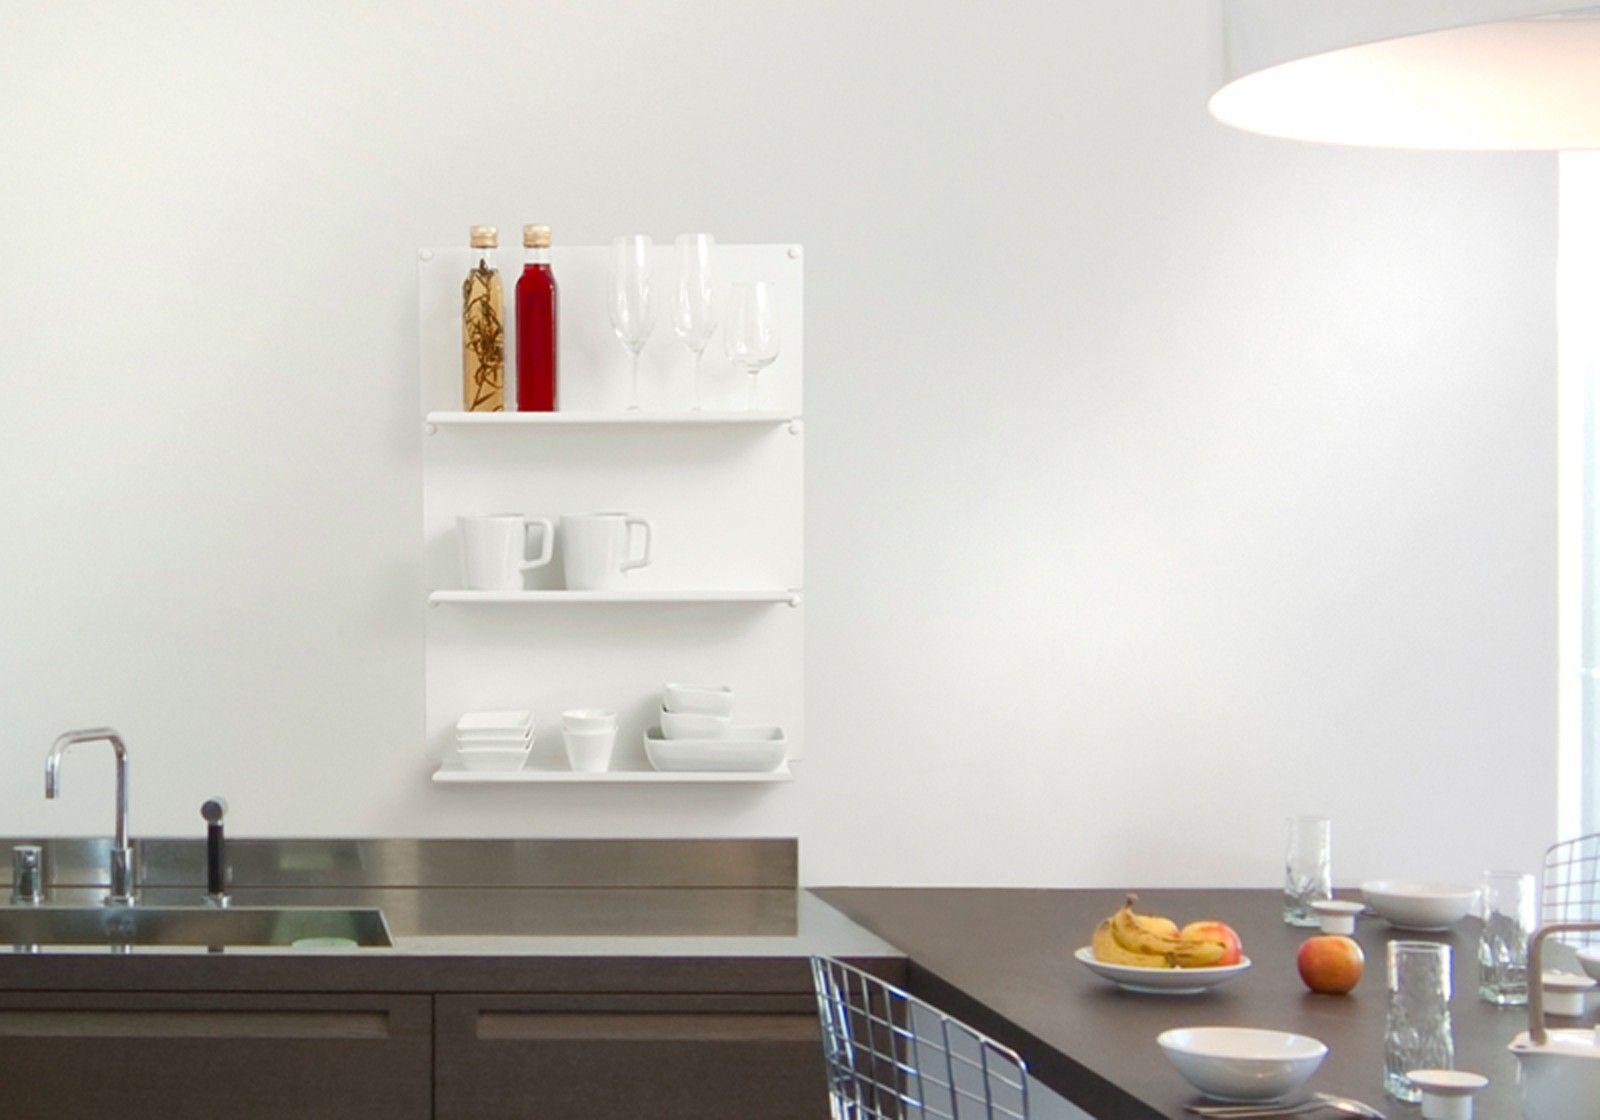 Tag re pour la cuisine le ot de 2 45x15 cm acier - Etagere pour livre de cuisine ...